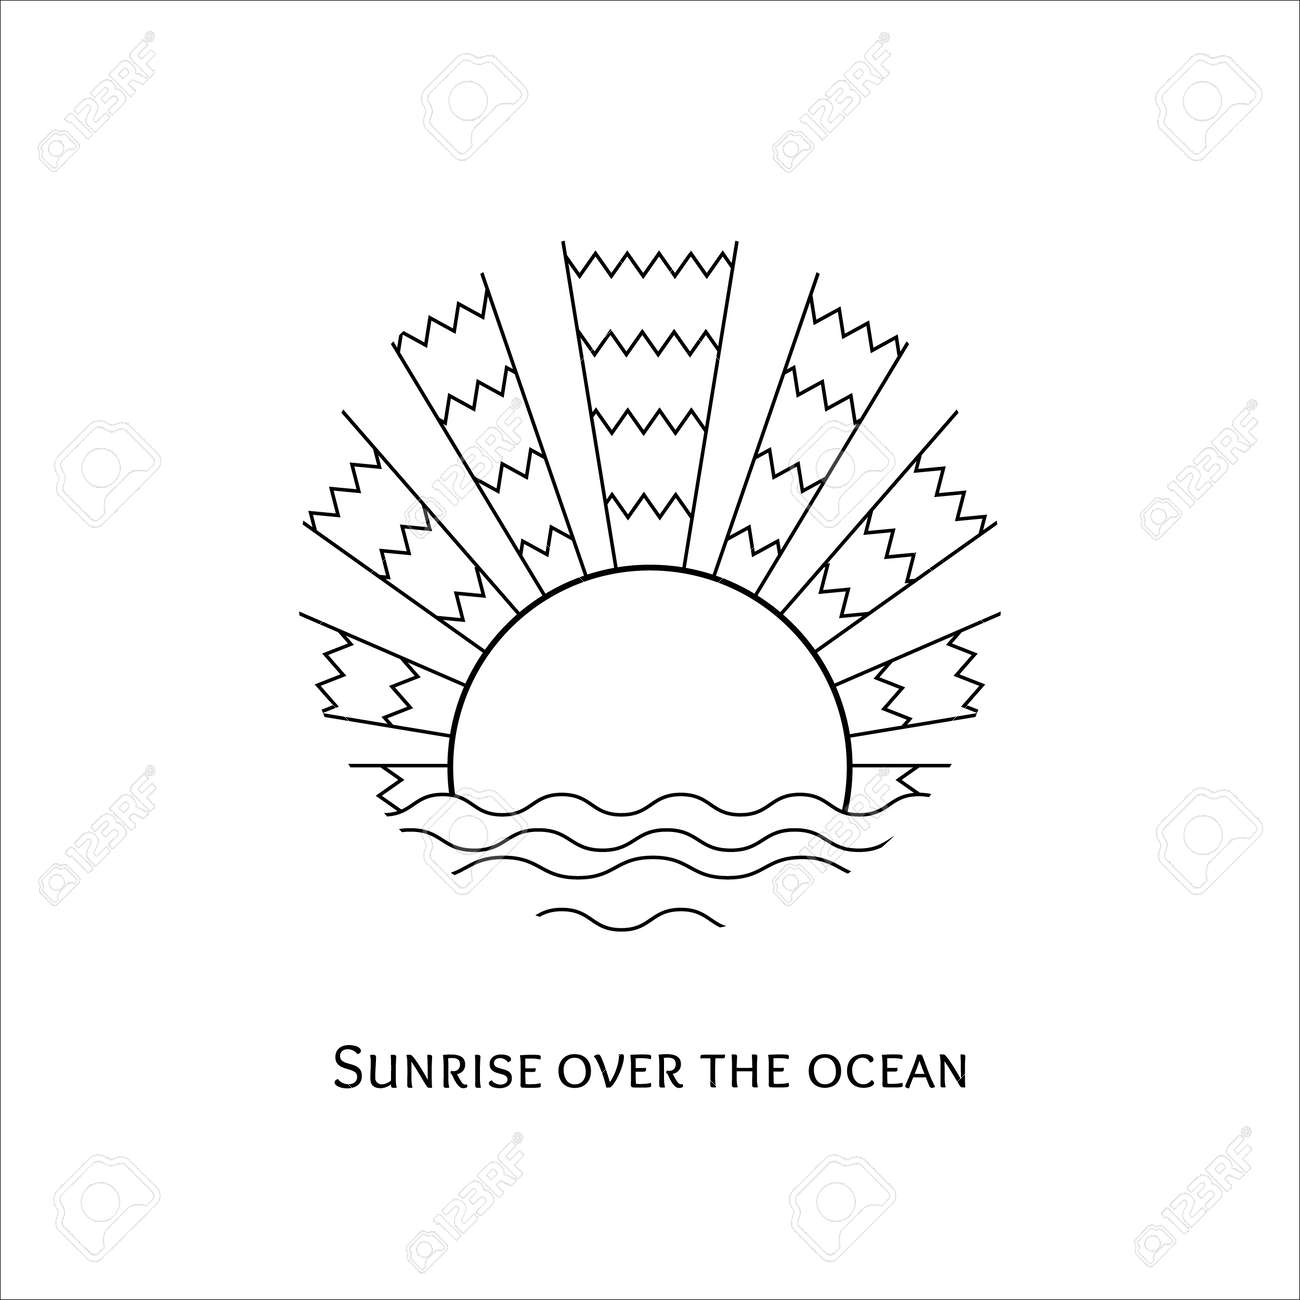 Kleurplaten Zonsondergang.Vector Zwart Wit Lijn Kunst Illustratie Van De Zonsopgang Boven De